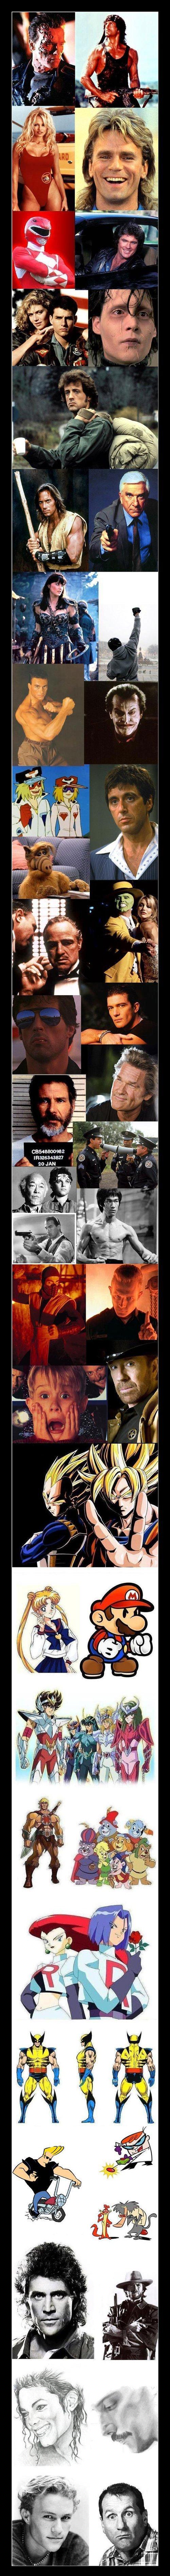 Voce conhece todos esses personagens